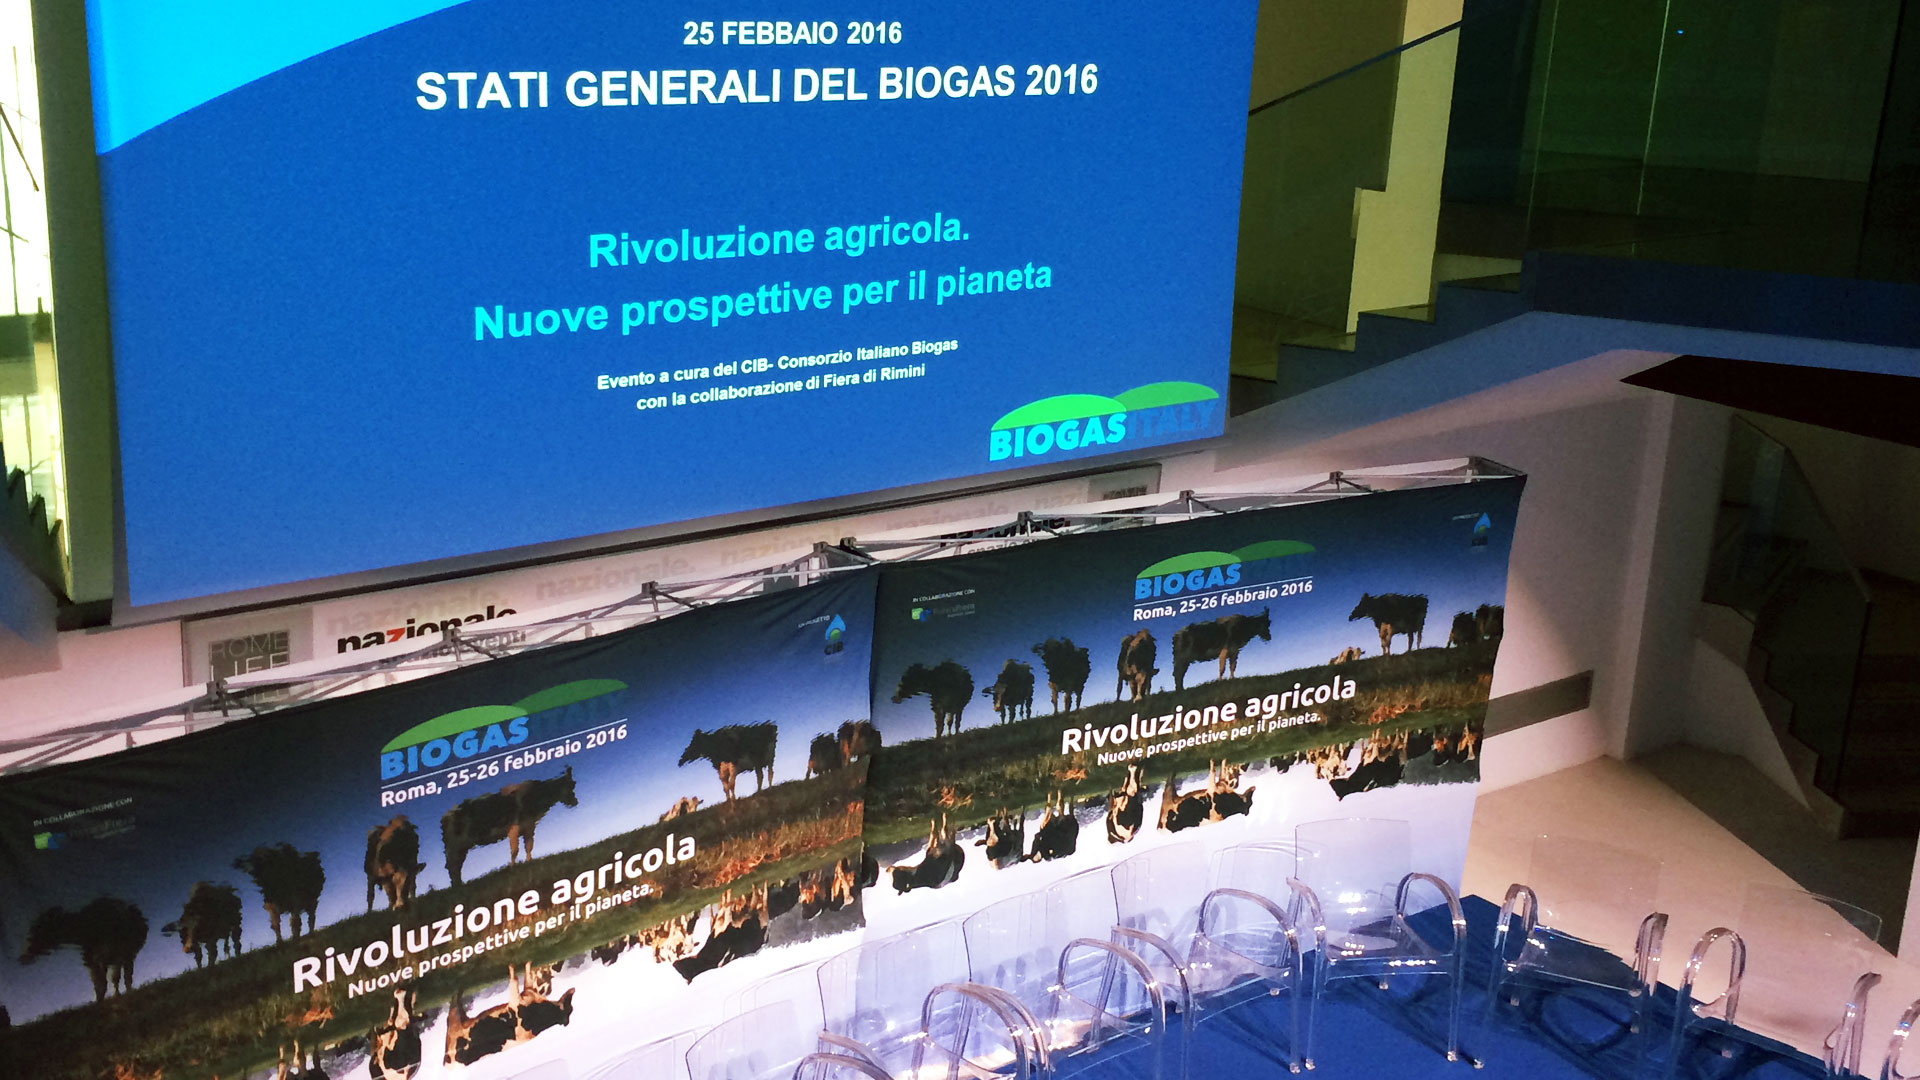 Rivoluzione Agricola Nuove Prospettive Per Il Pianeta